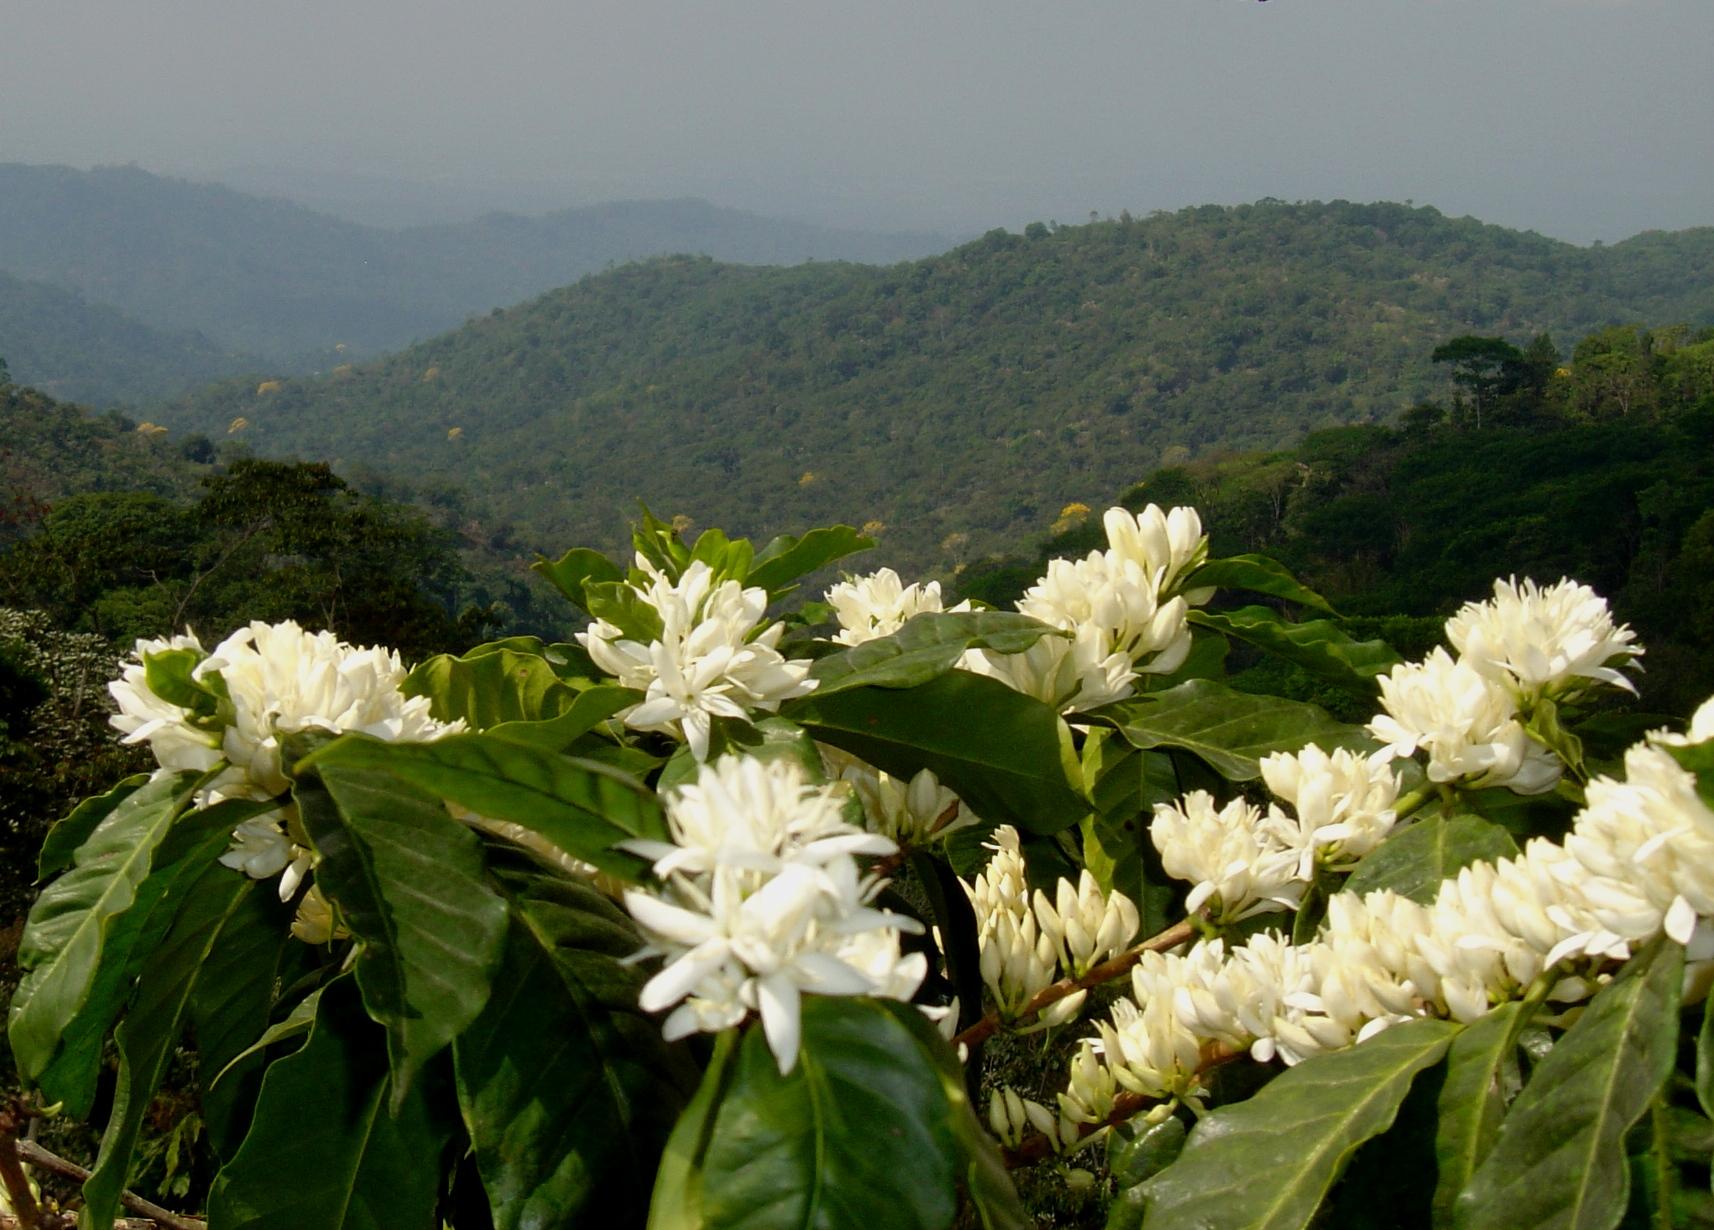 Fleurs de caféiers embaumant les vallées d'un d'un parfum doux et suave